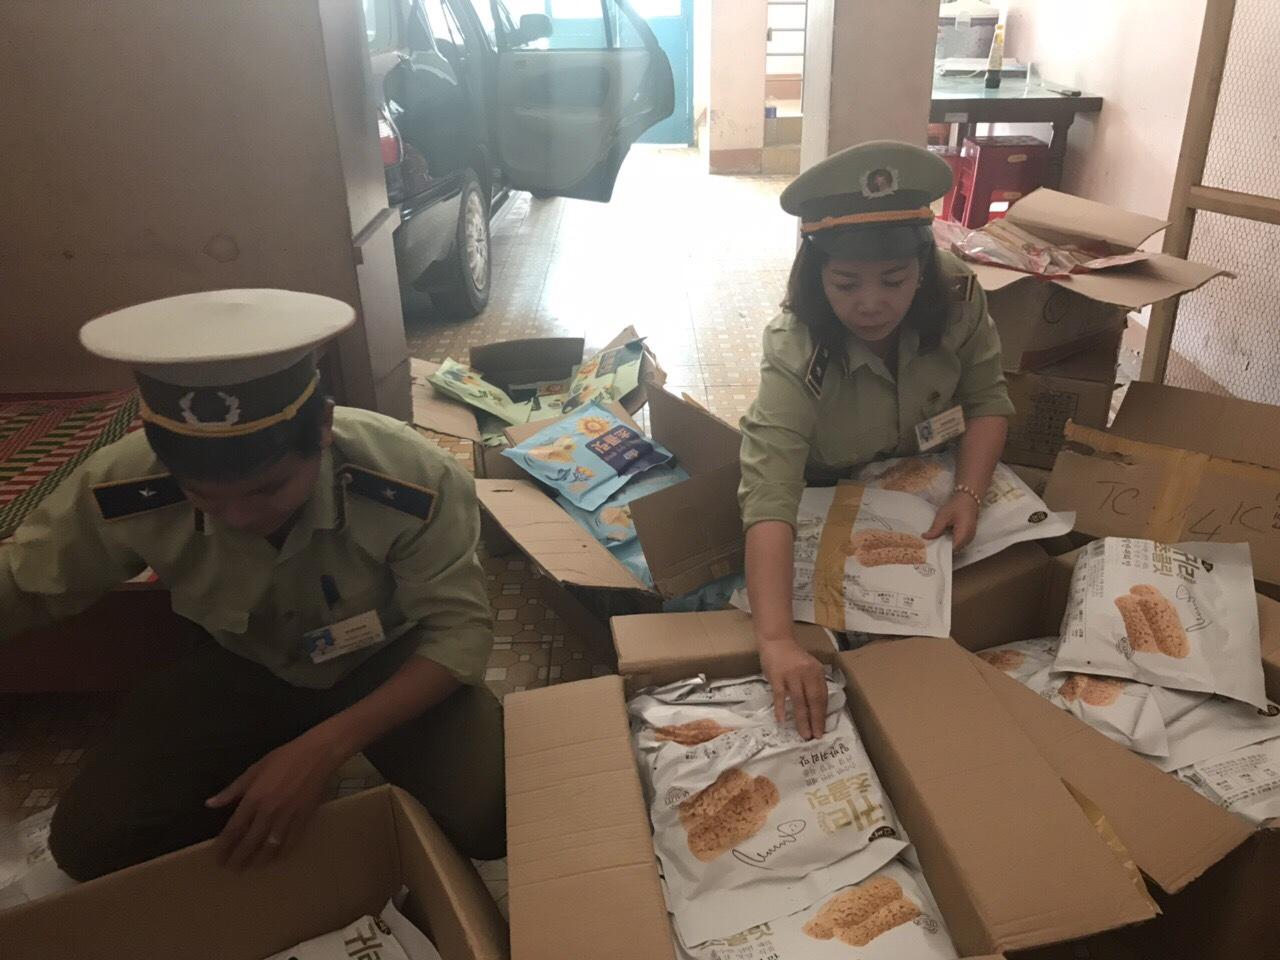 Đội Quản lý thị trường số 5 (Cục Quản lý thị trường tỉnh Bình Định) tạm giữ hàng hóa bánh kẹo không có hóa đơn chứng từ kèm theo.